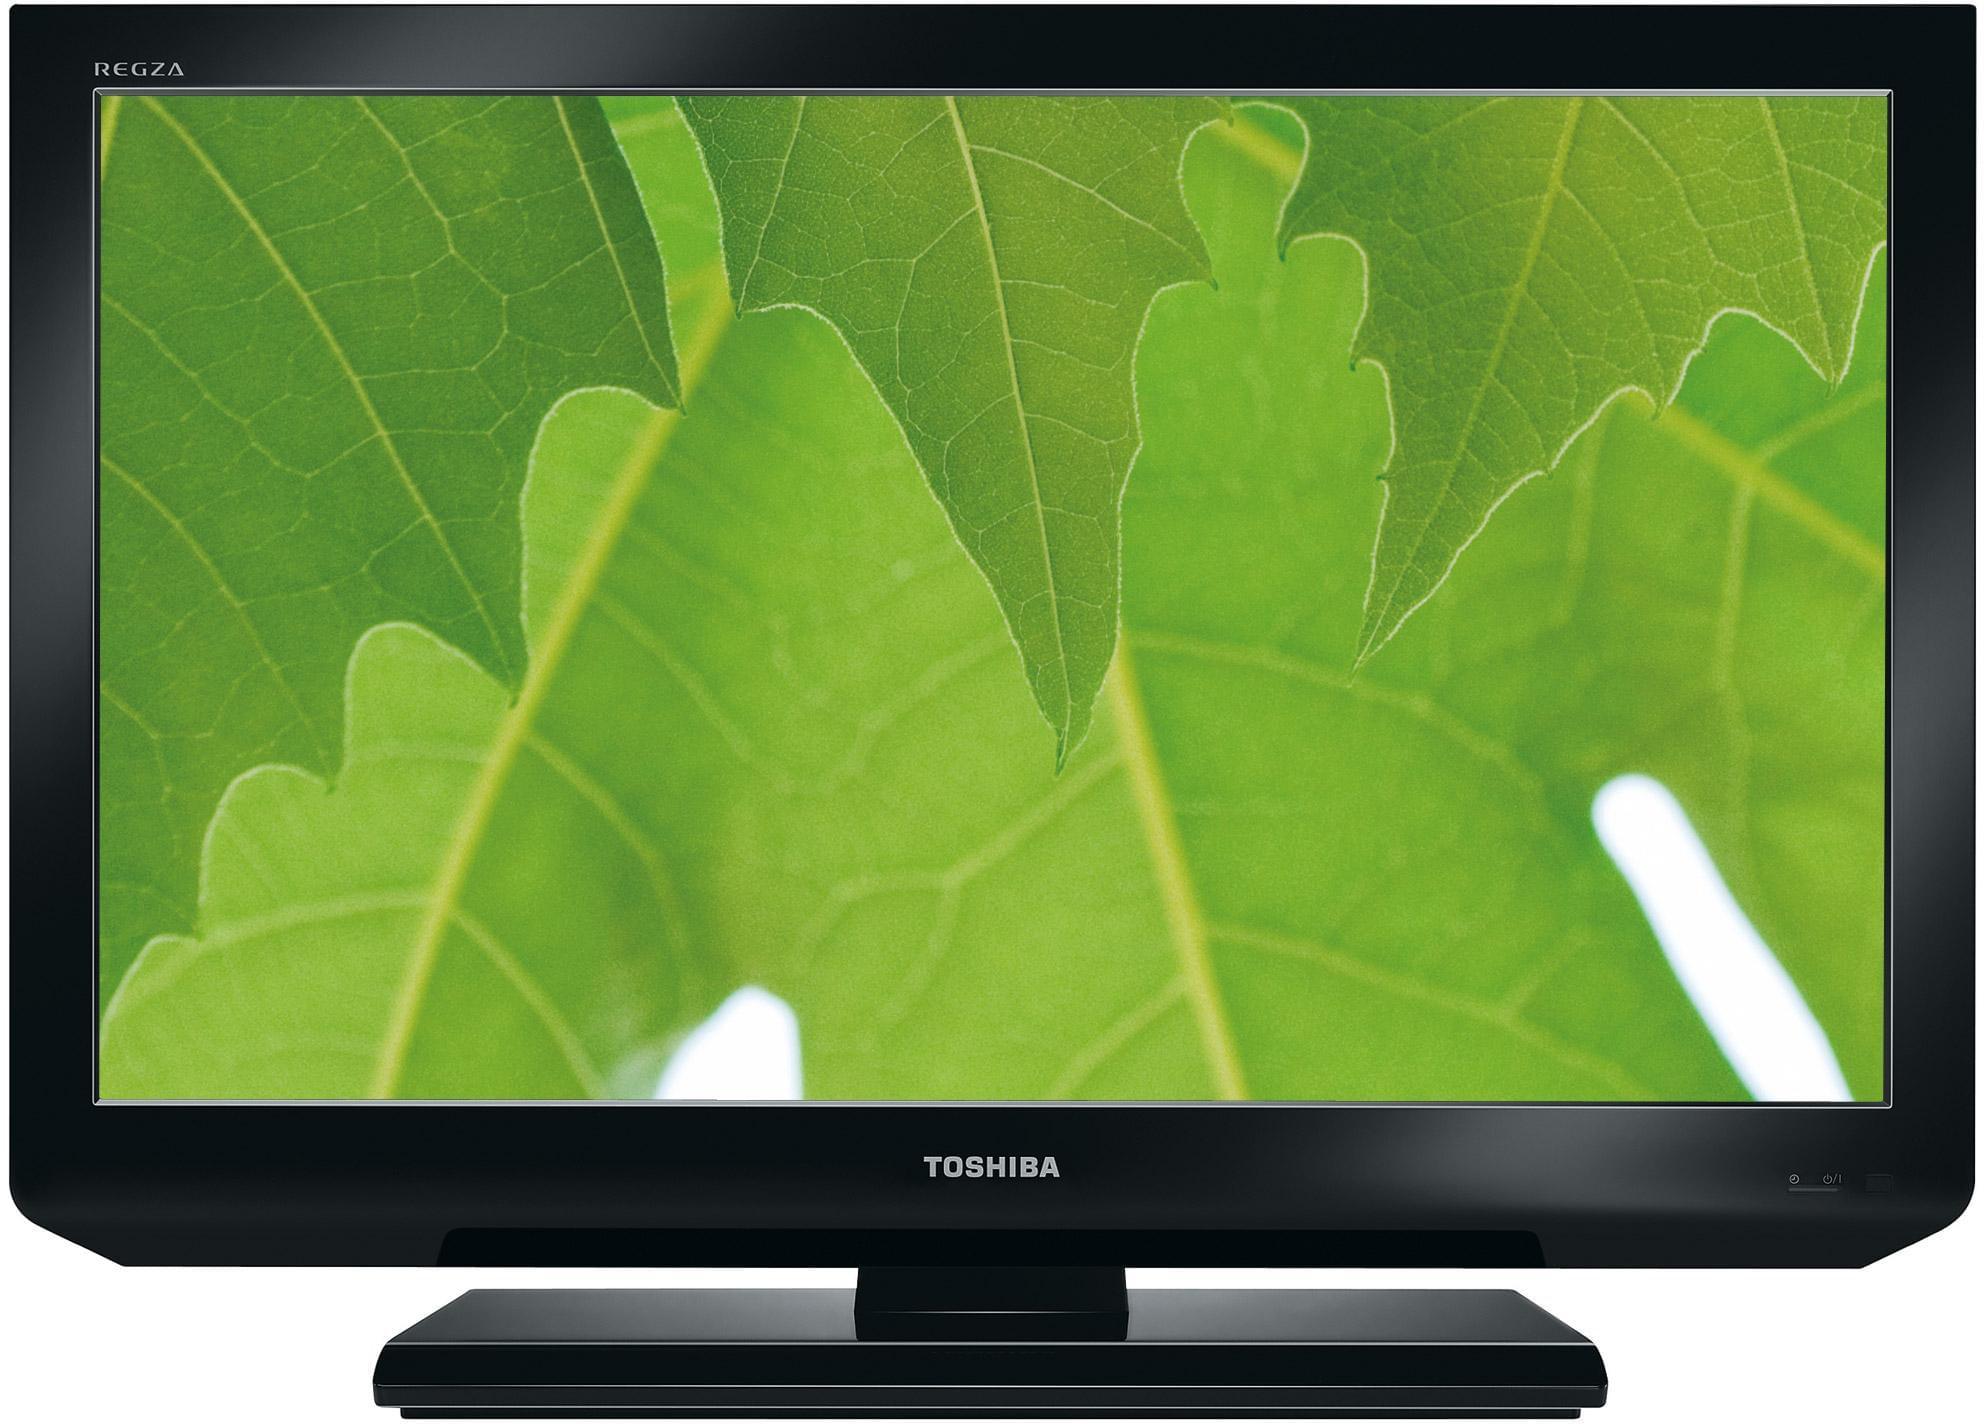 """Toshiba 26EL833 LED - 26"""" (66 cm) HDTV  - TV Toshiba - Cybertek.fr - 0"""